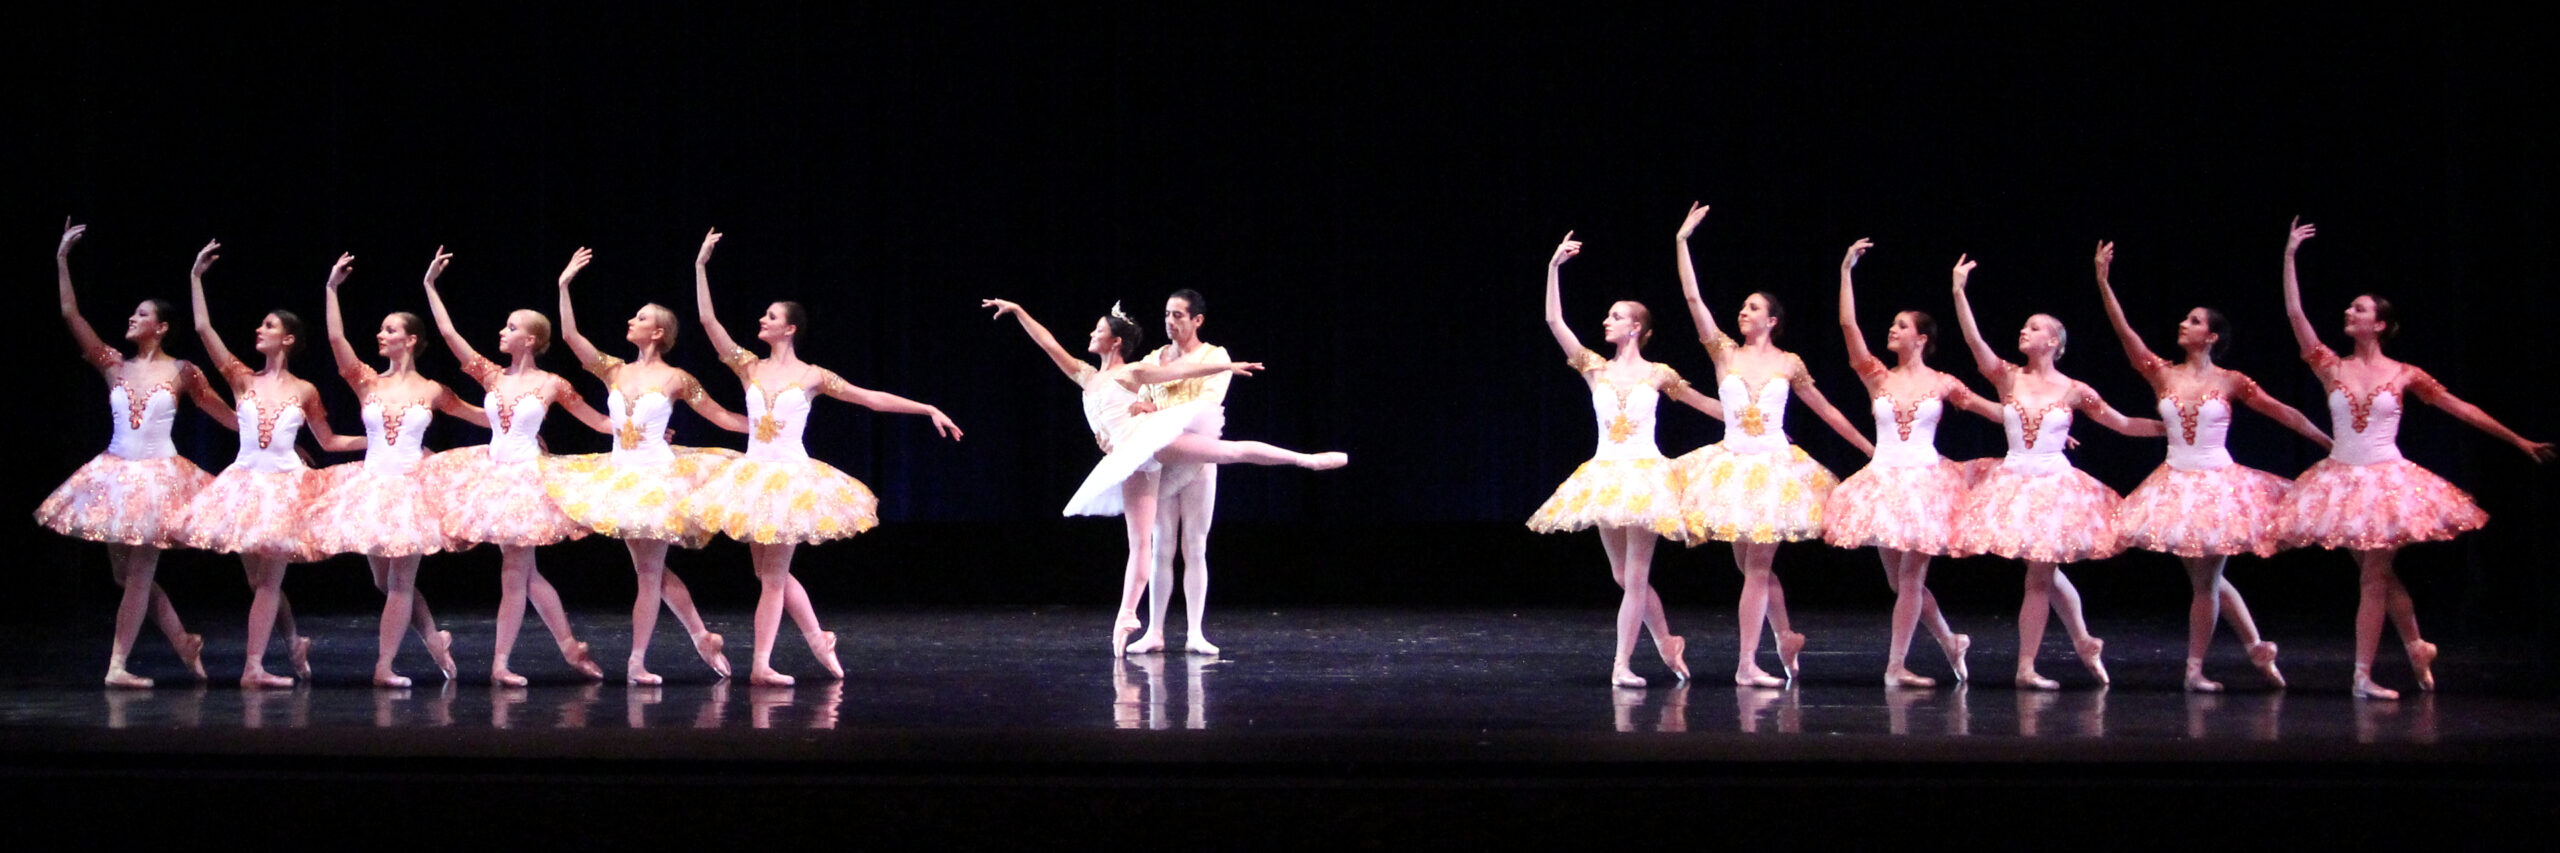 Ballet dancers in Paquita